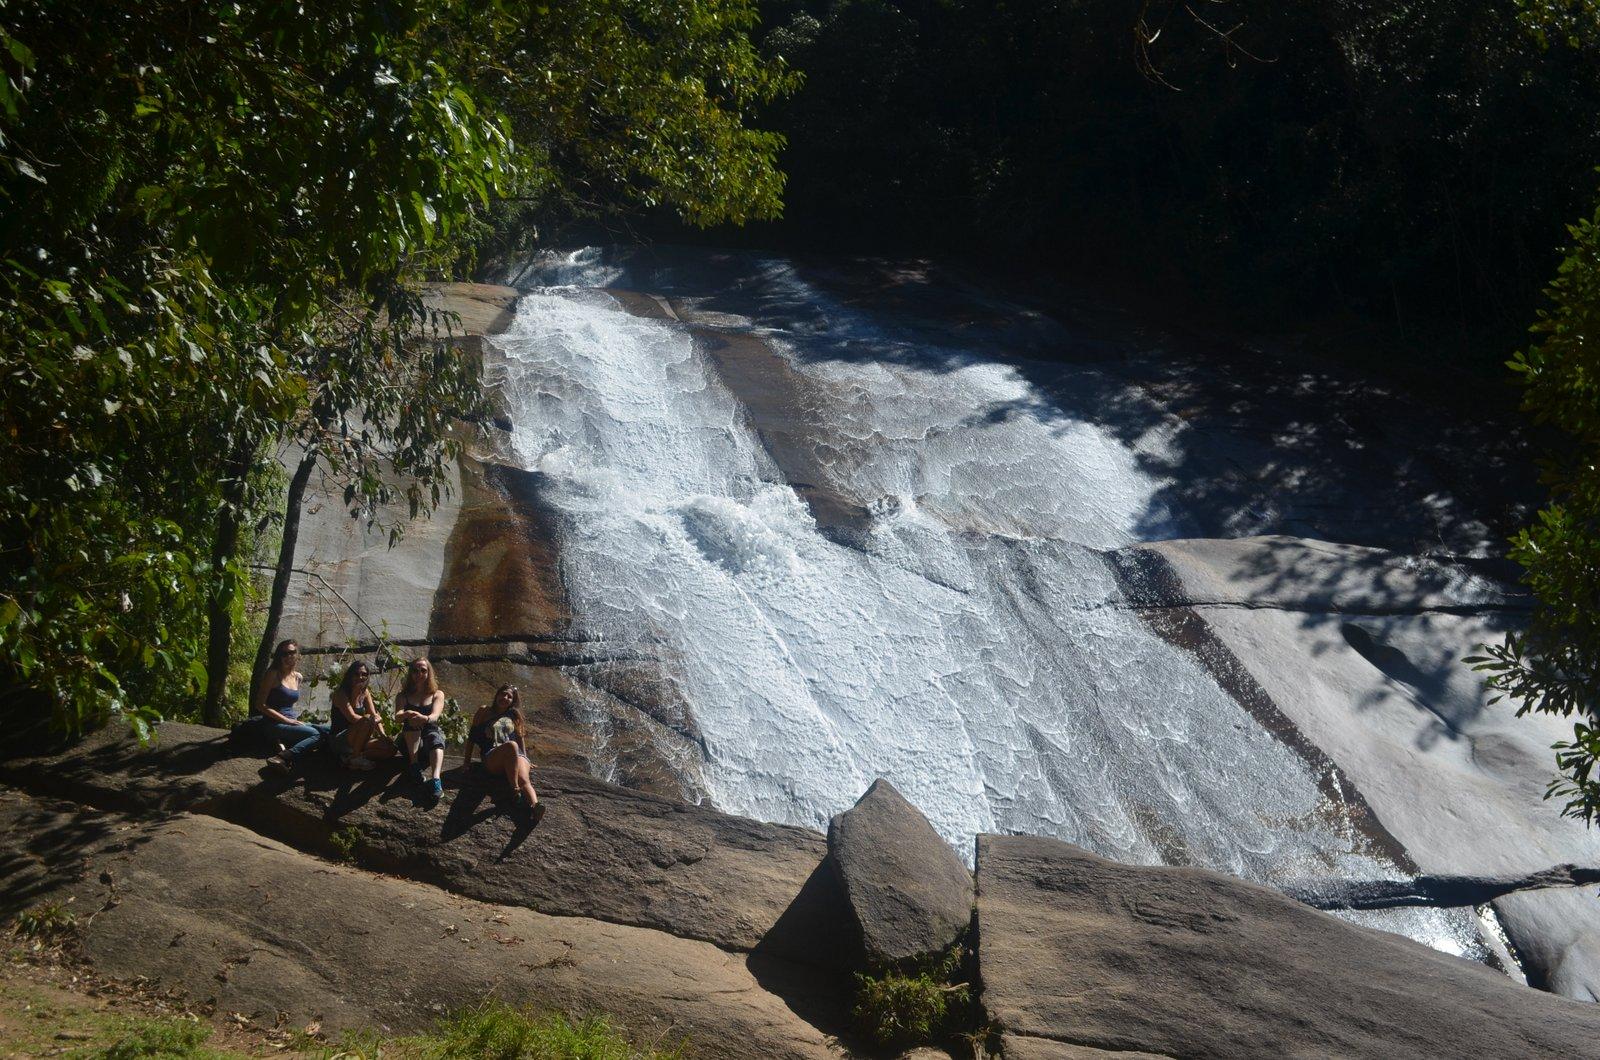 cachoeira santa clara - visconde de mauá